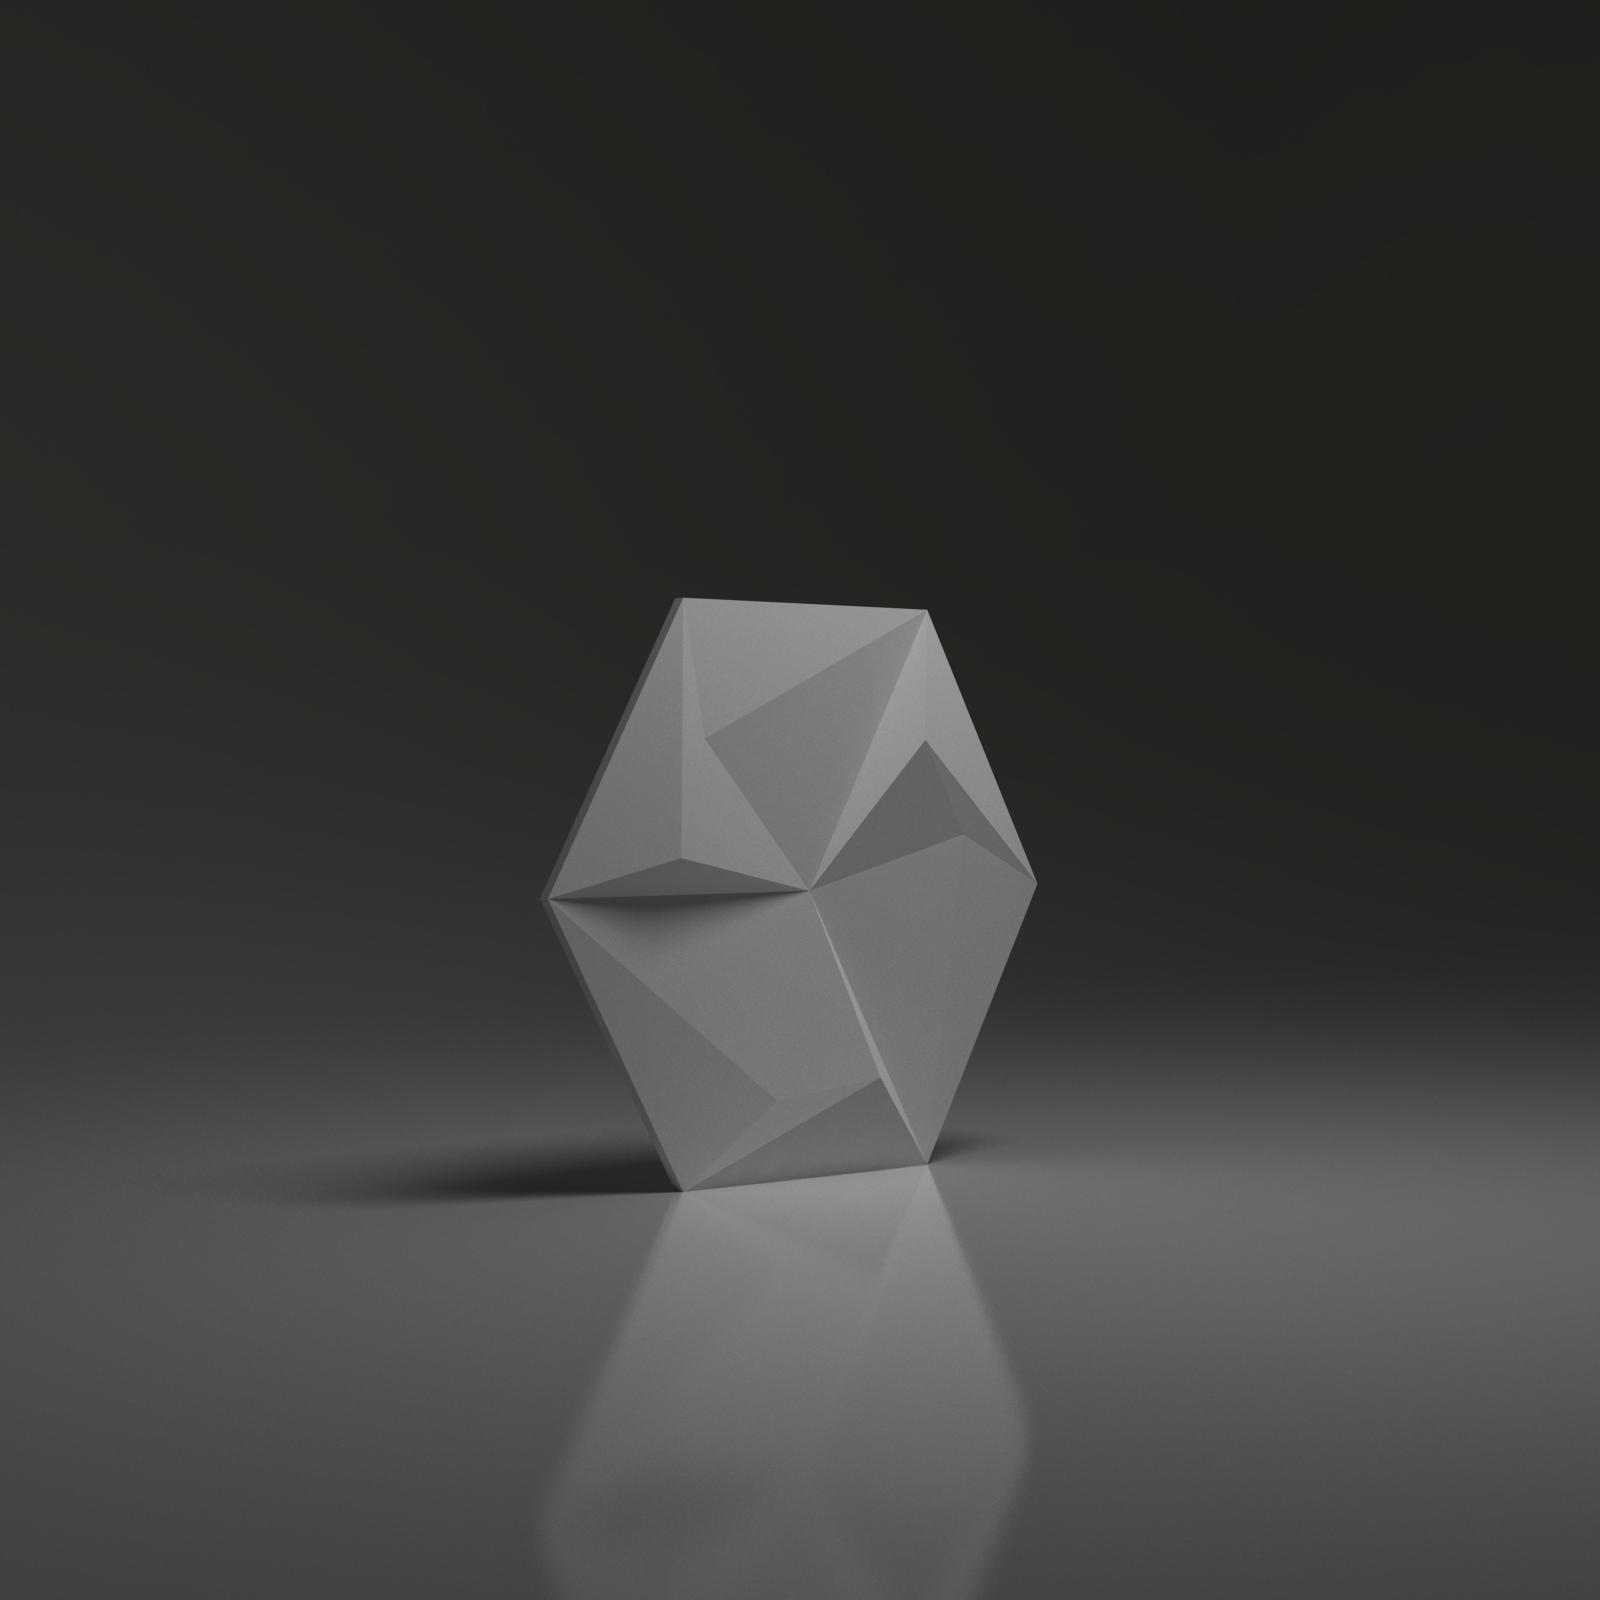 hexagon-hills-wizu